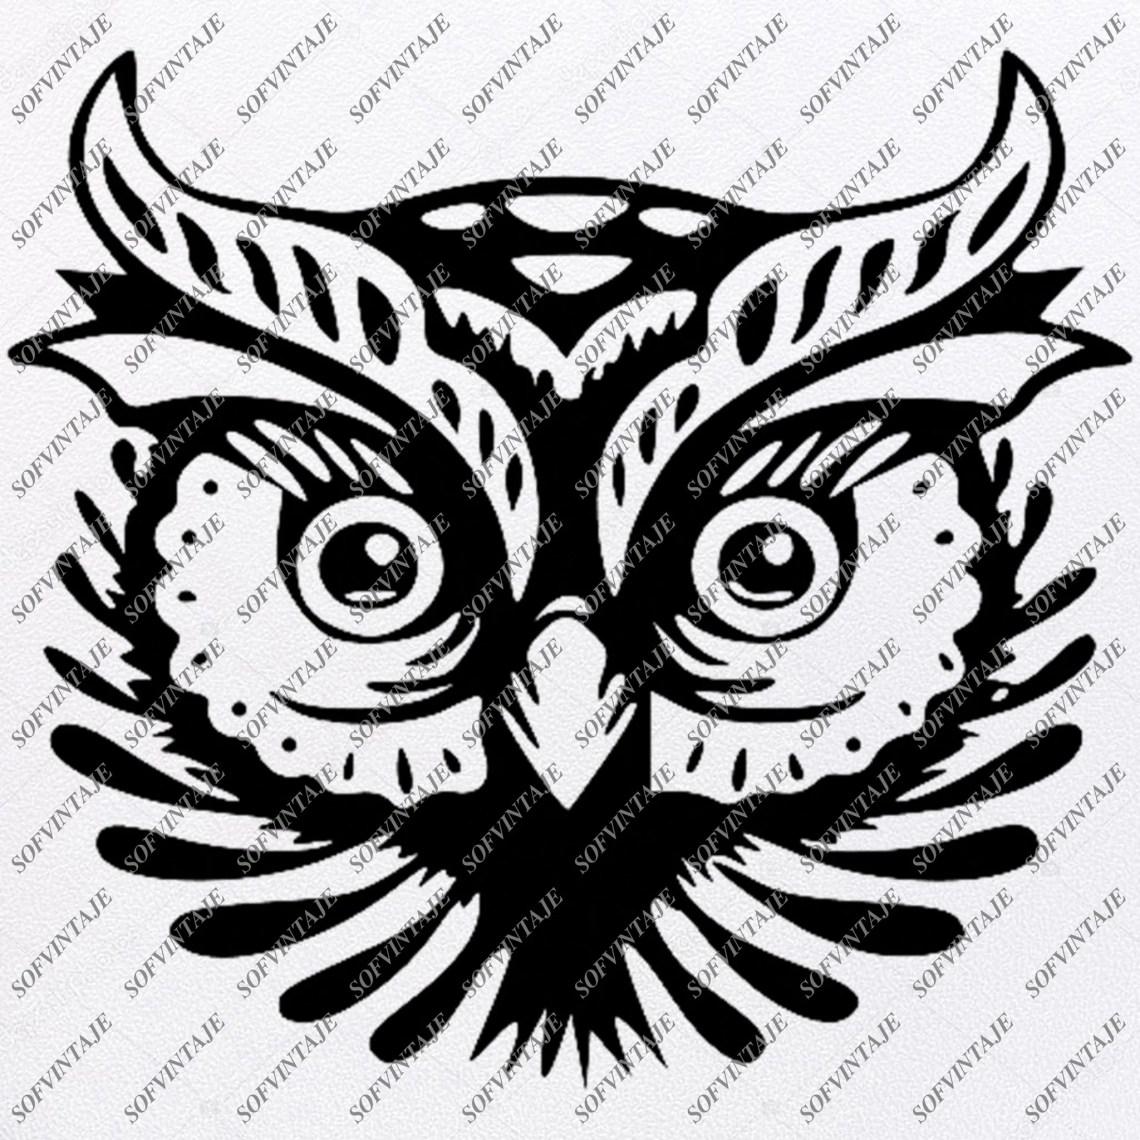 Download Owl Svg File - Owl Tattoo Svg Design-Clipart-Animals Svg ...